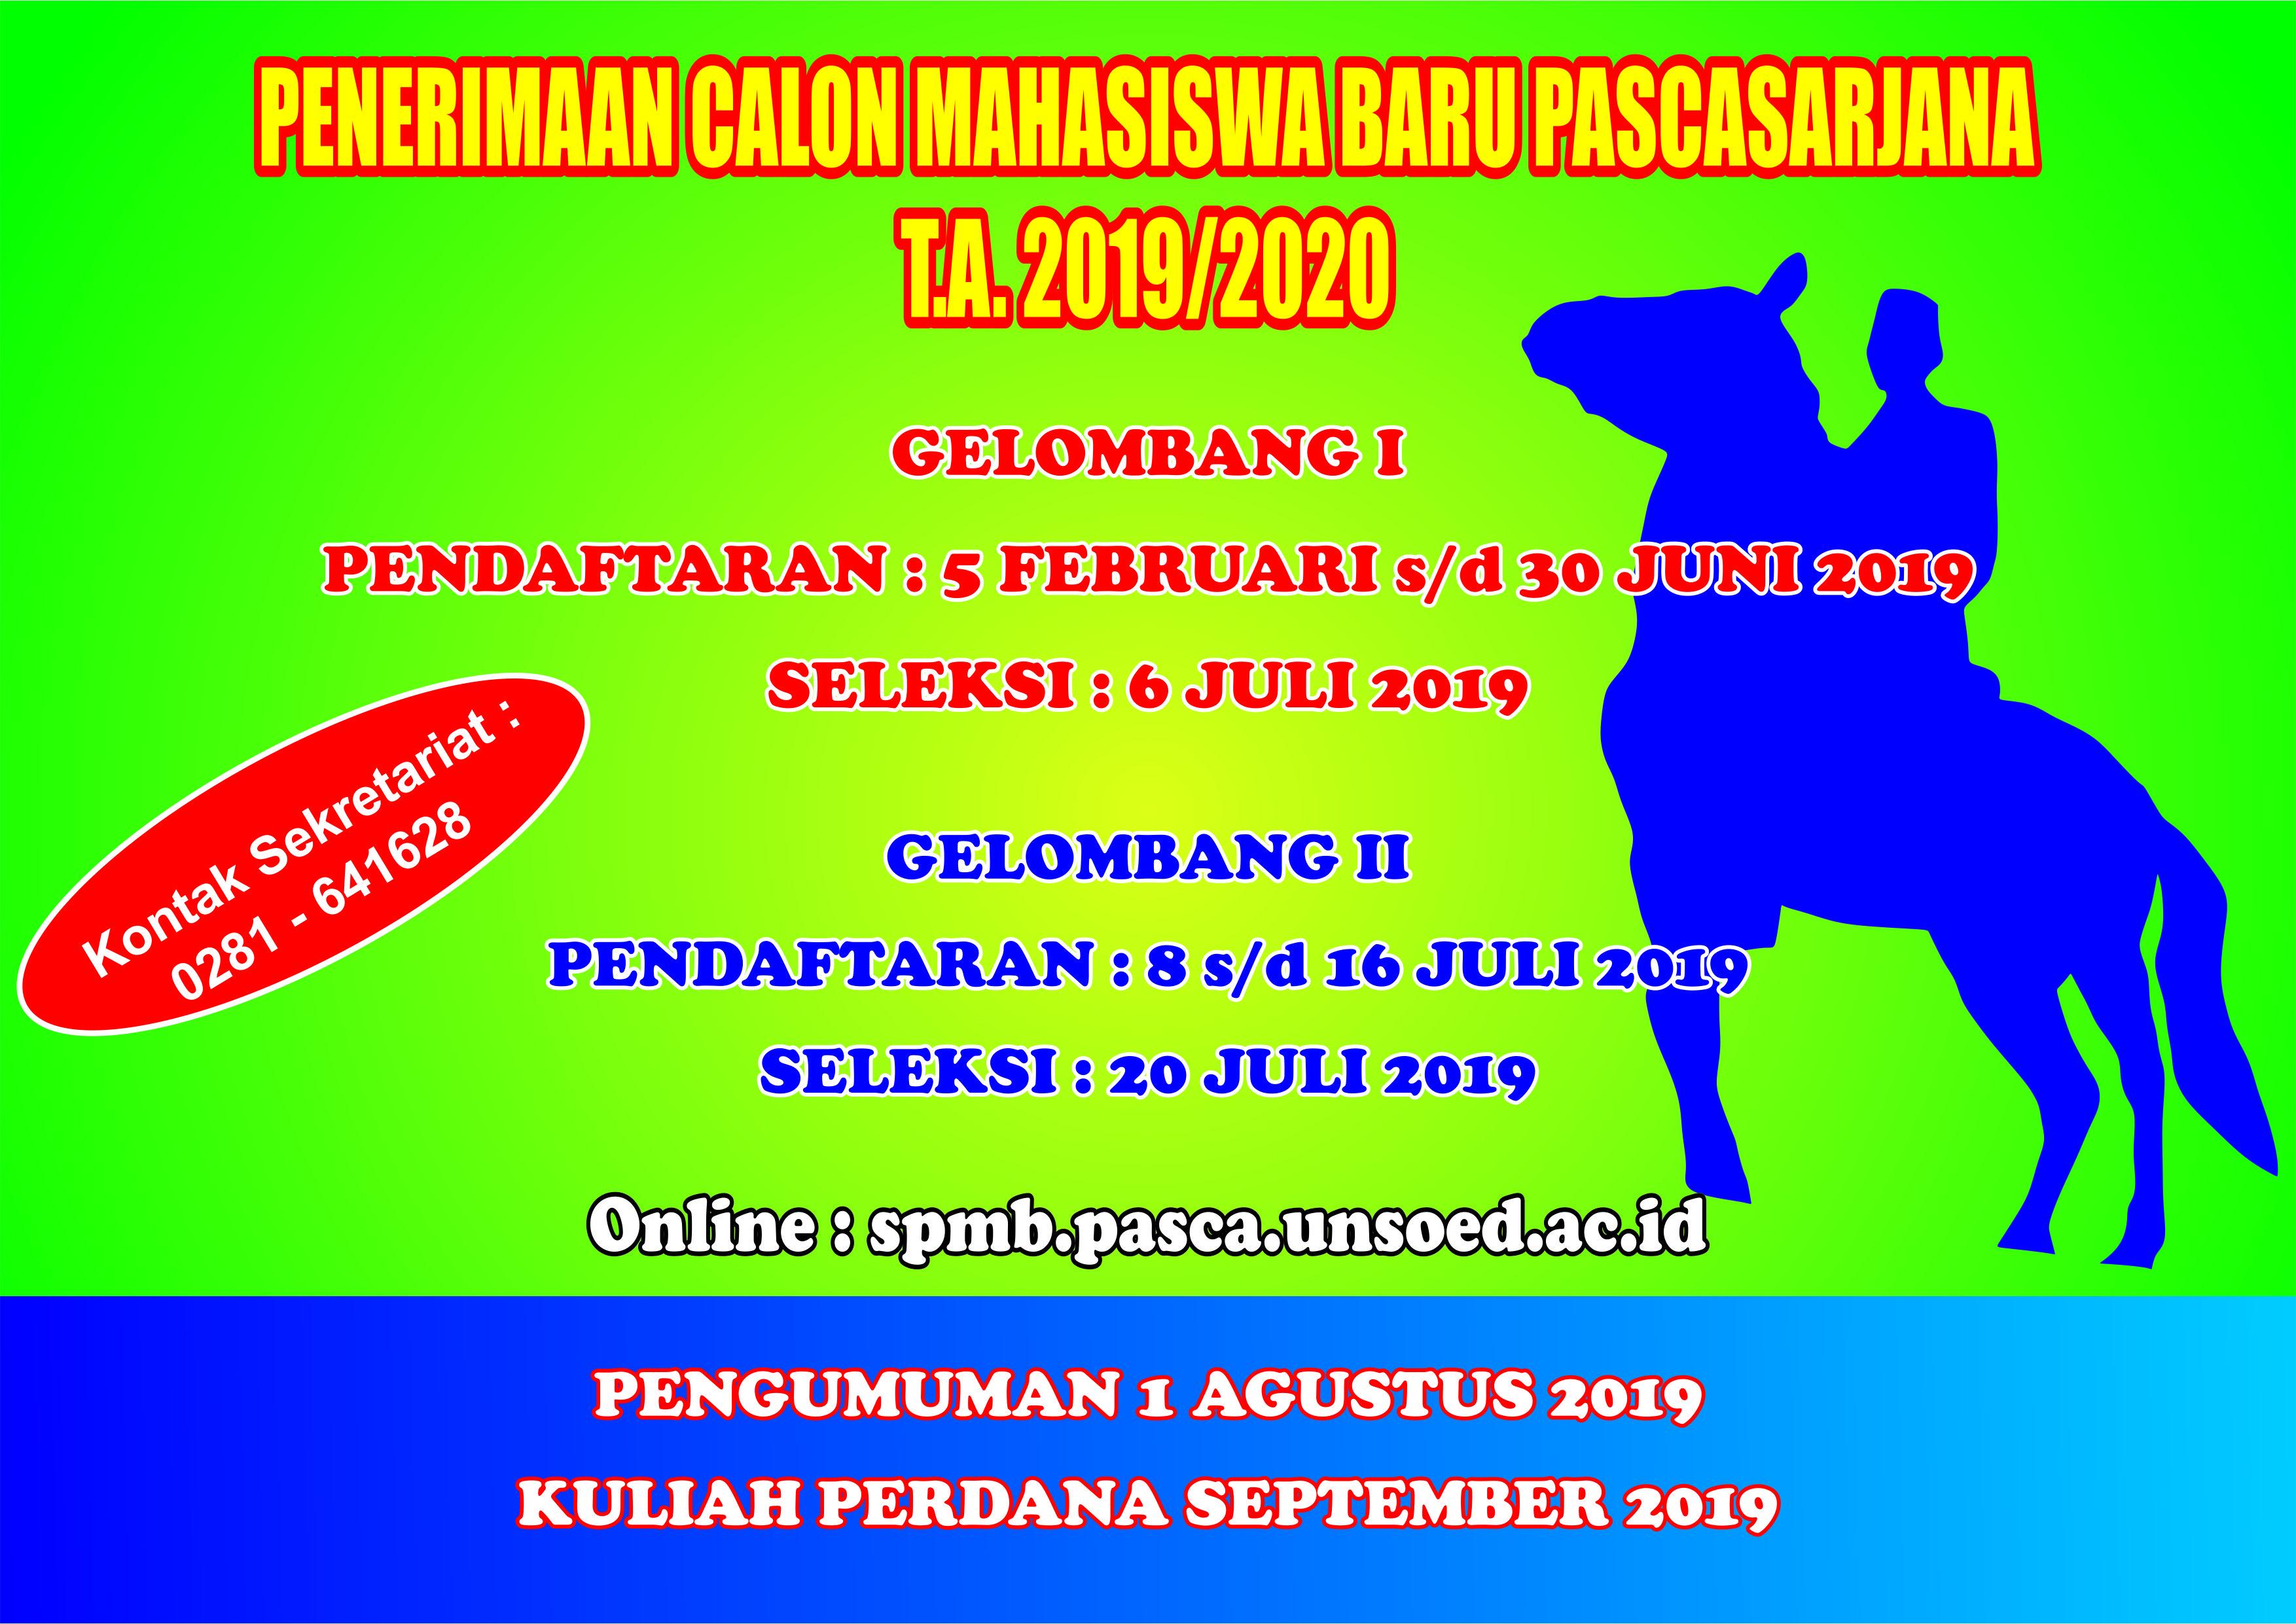 PENERIMAAN MAHASISWA BARU 2019